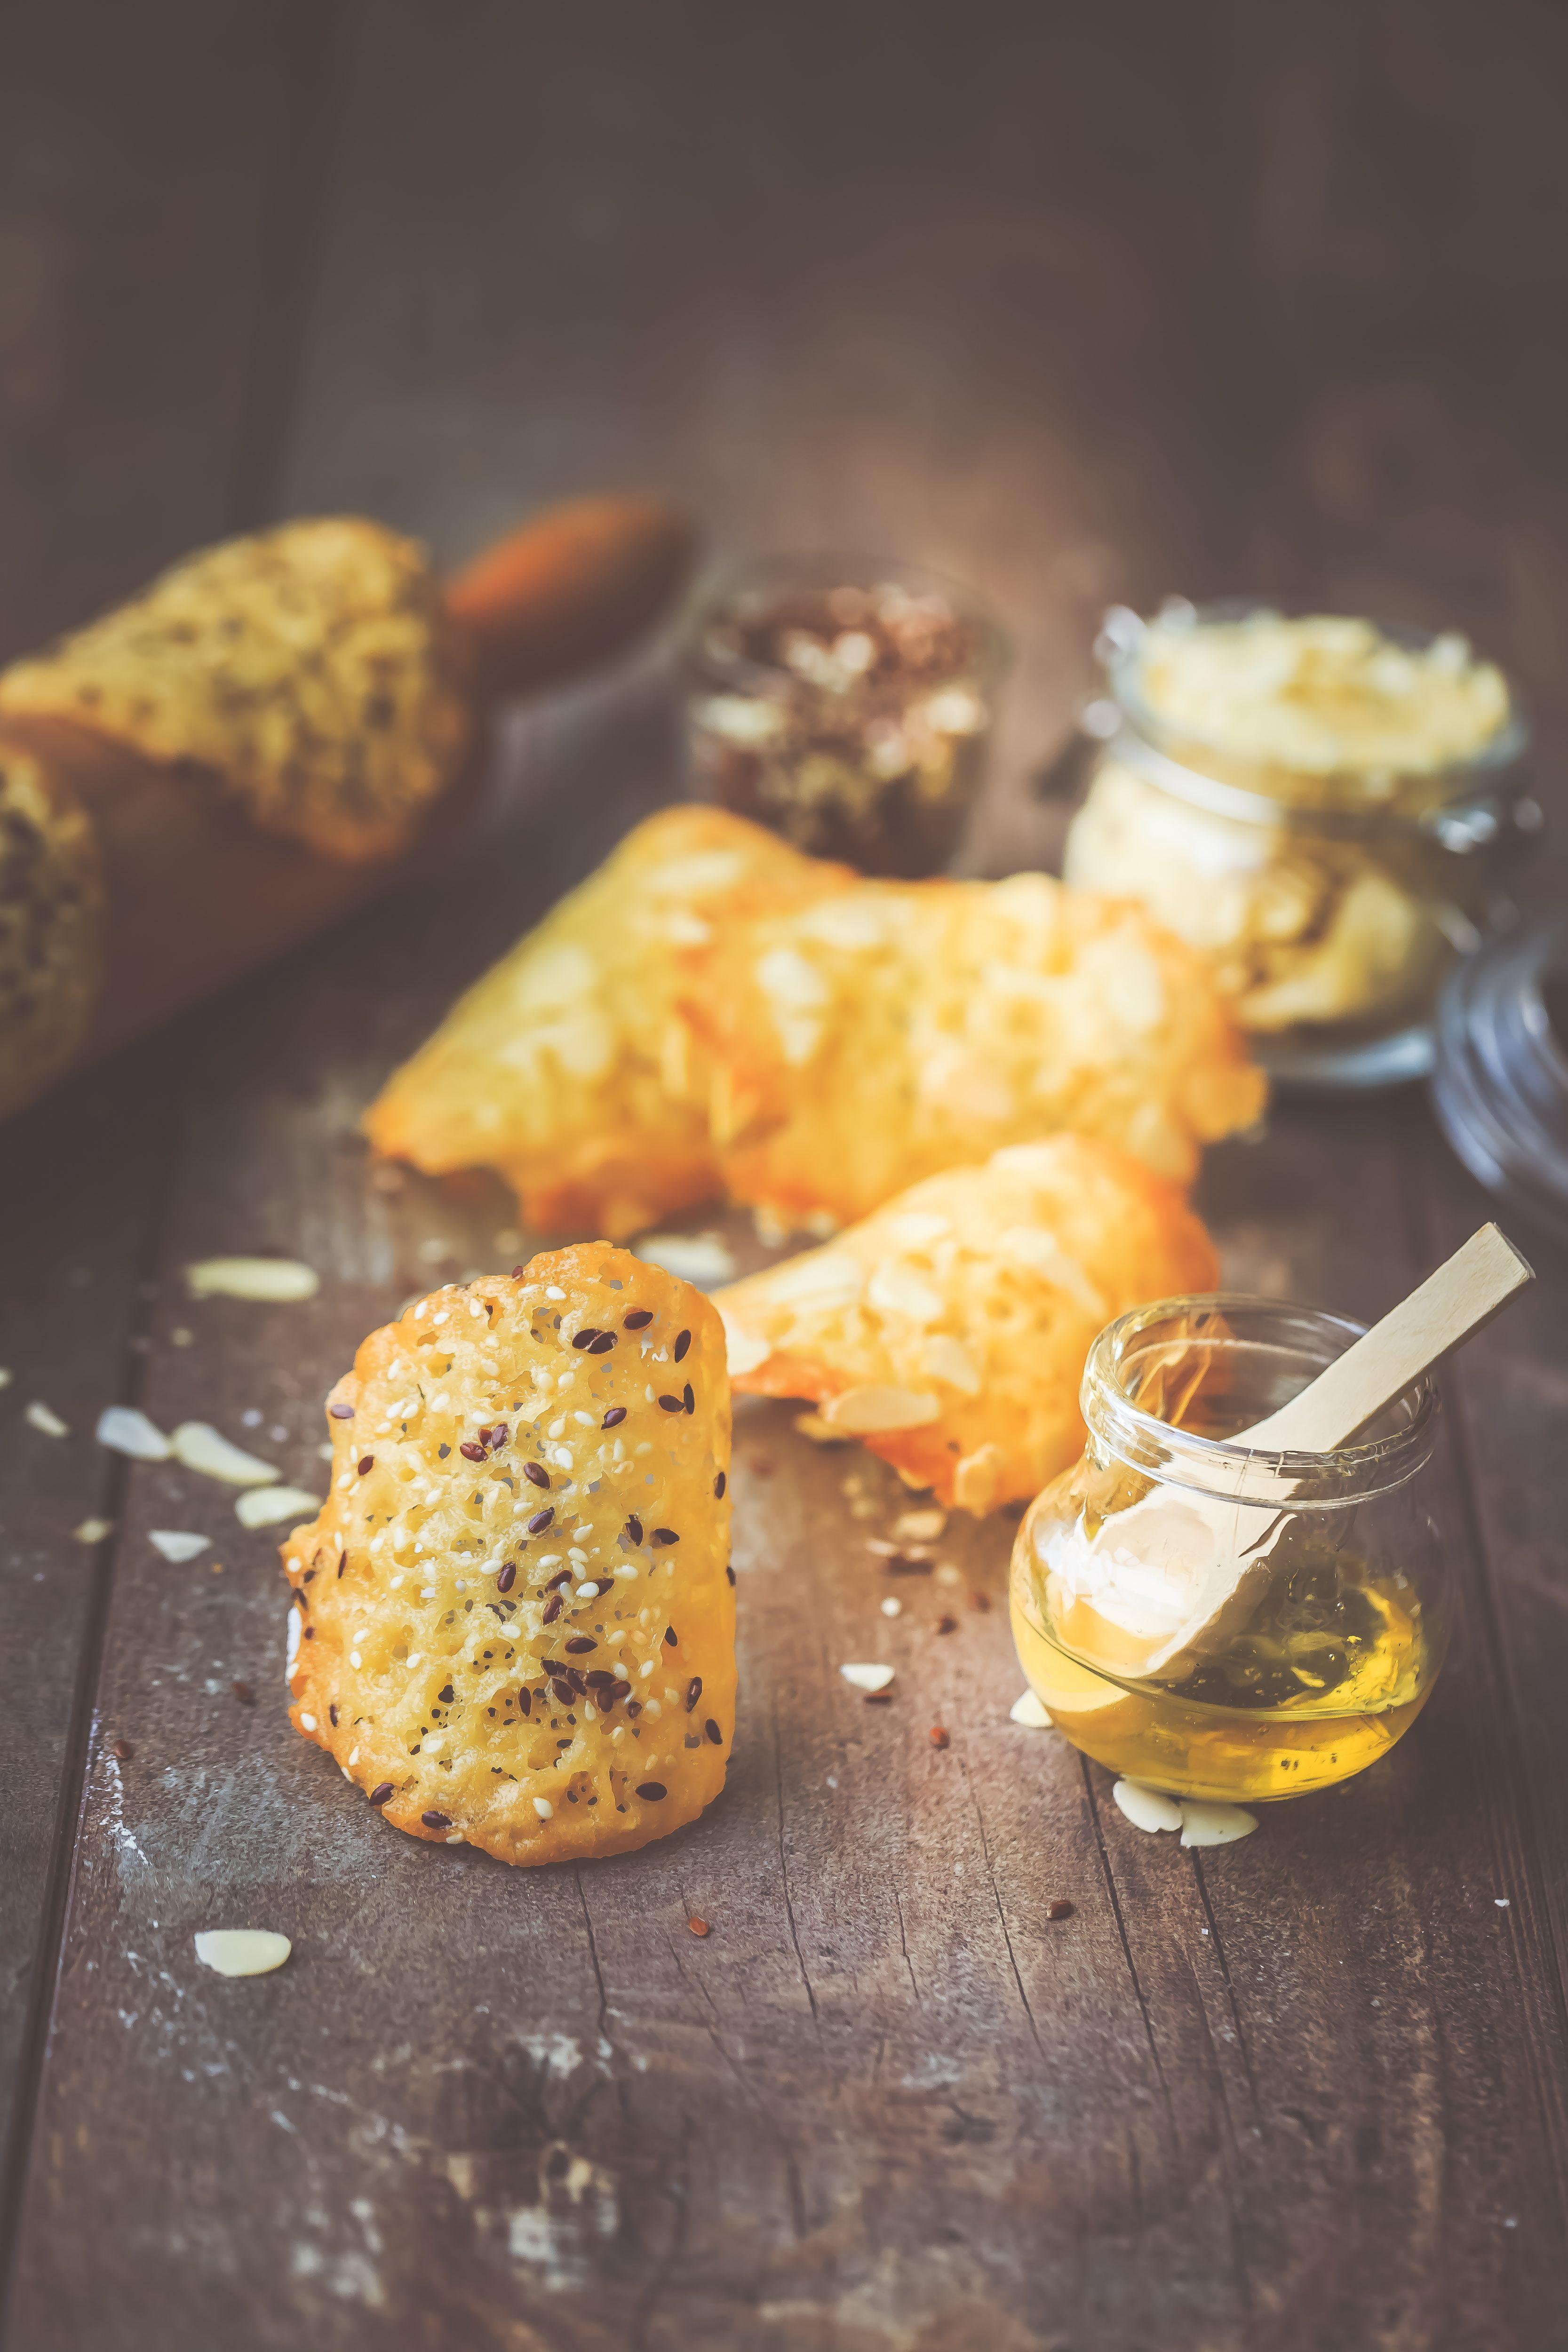 Recette facile Tuiles, miel, amandes et graines de lin, sésame